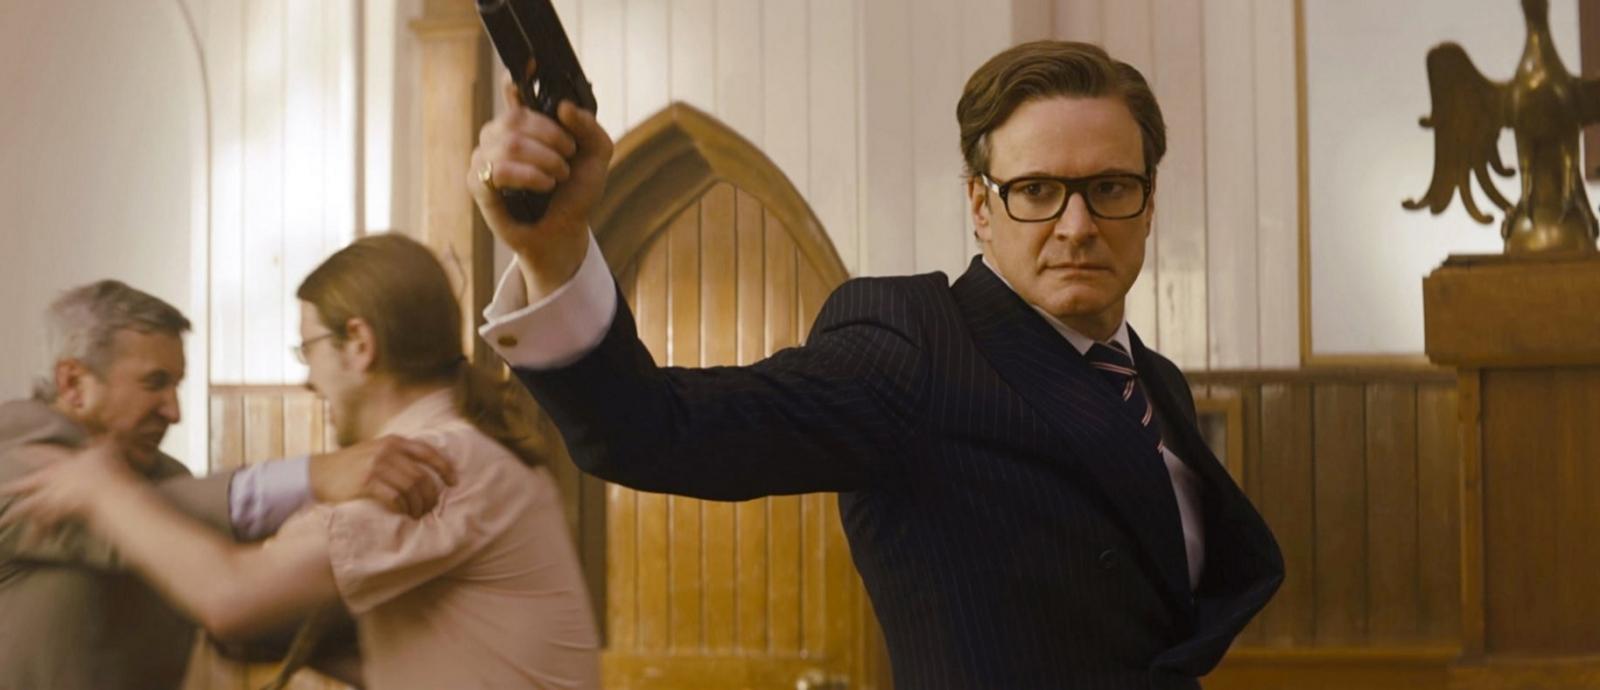 ... - Colin Firth's re...